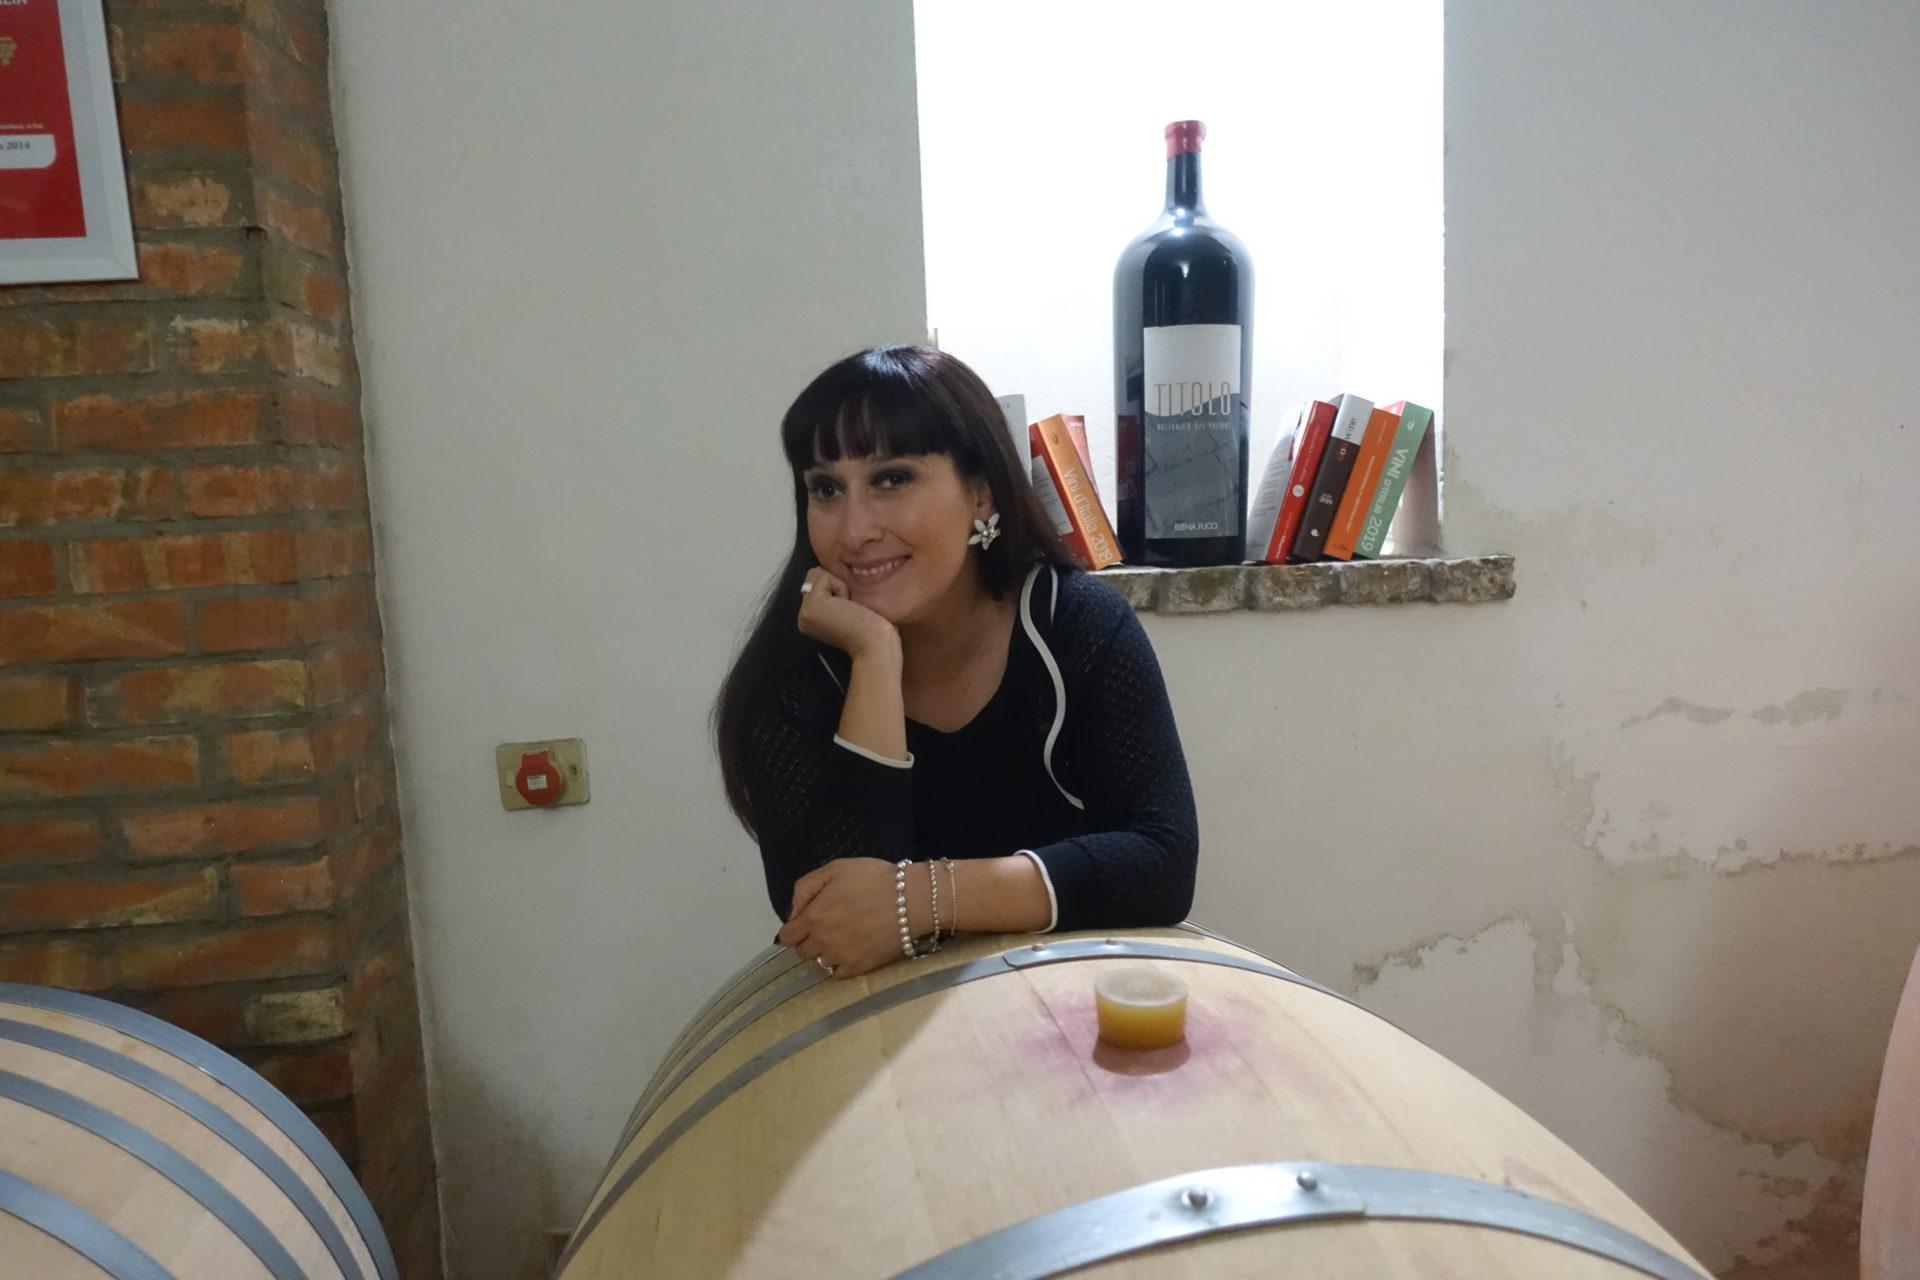 Elena Fucci Barile